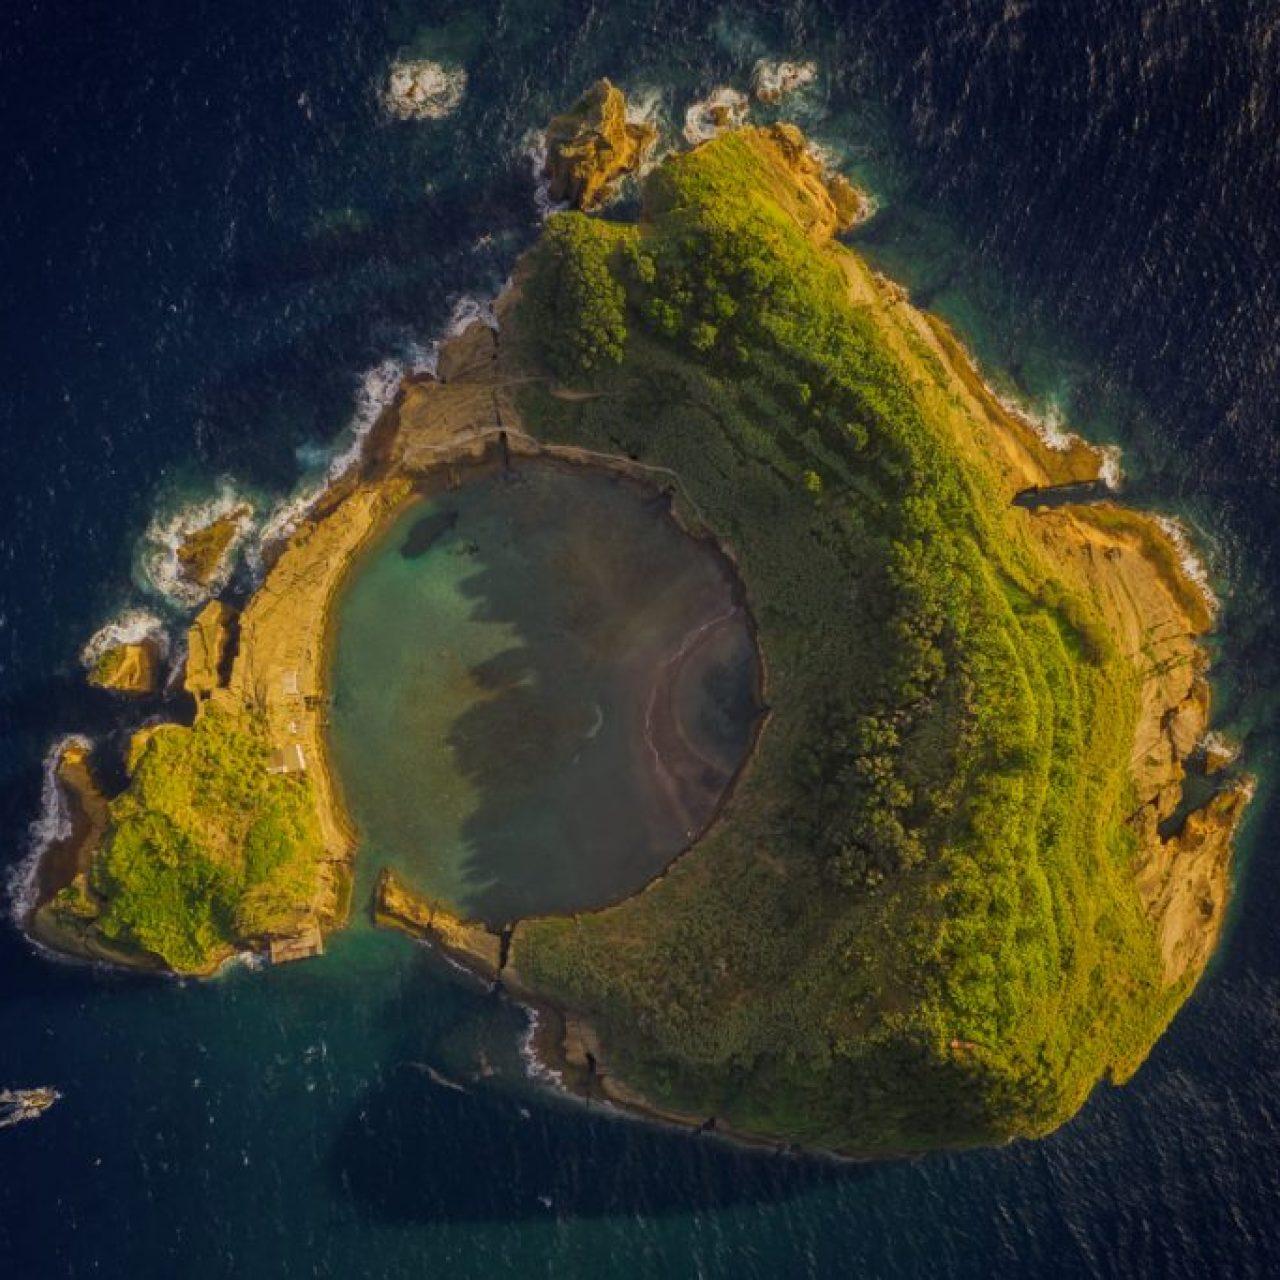 Lac d'une île des Açores. photographie de Kah-Wai Lin